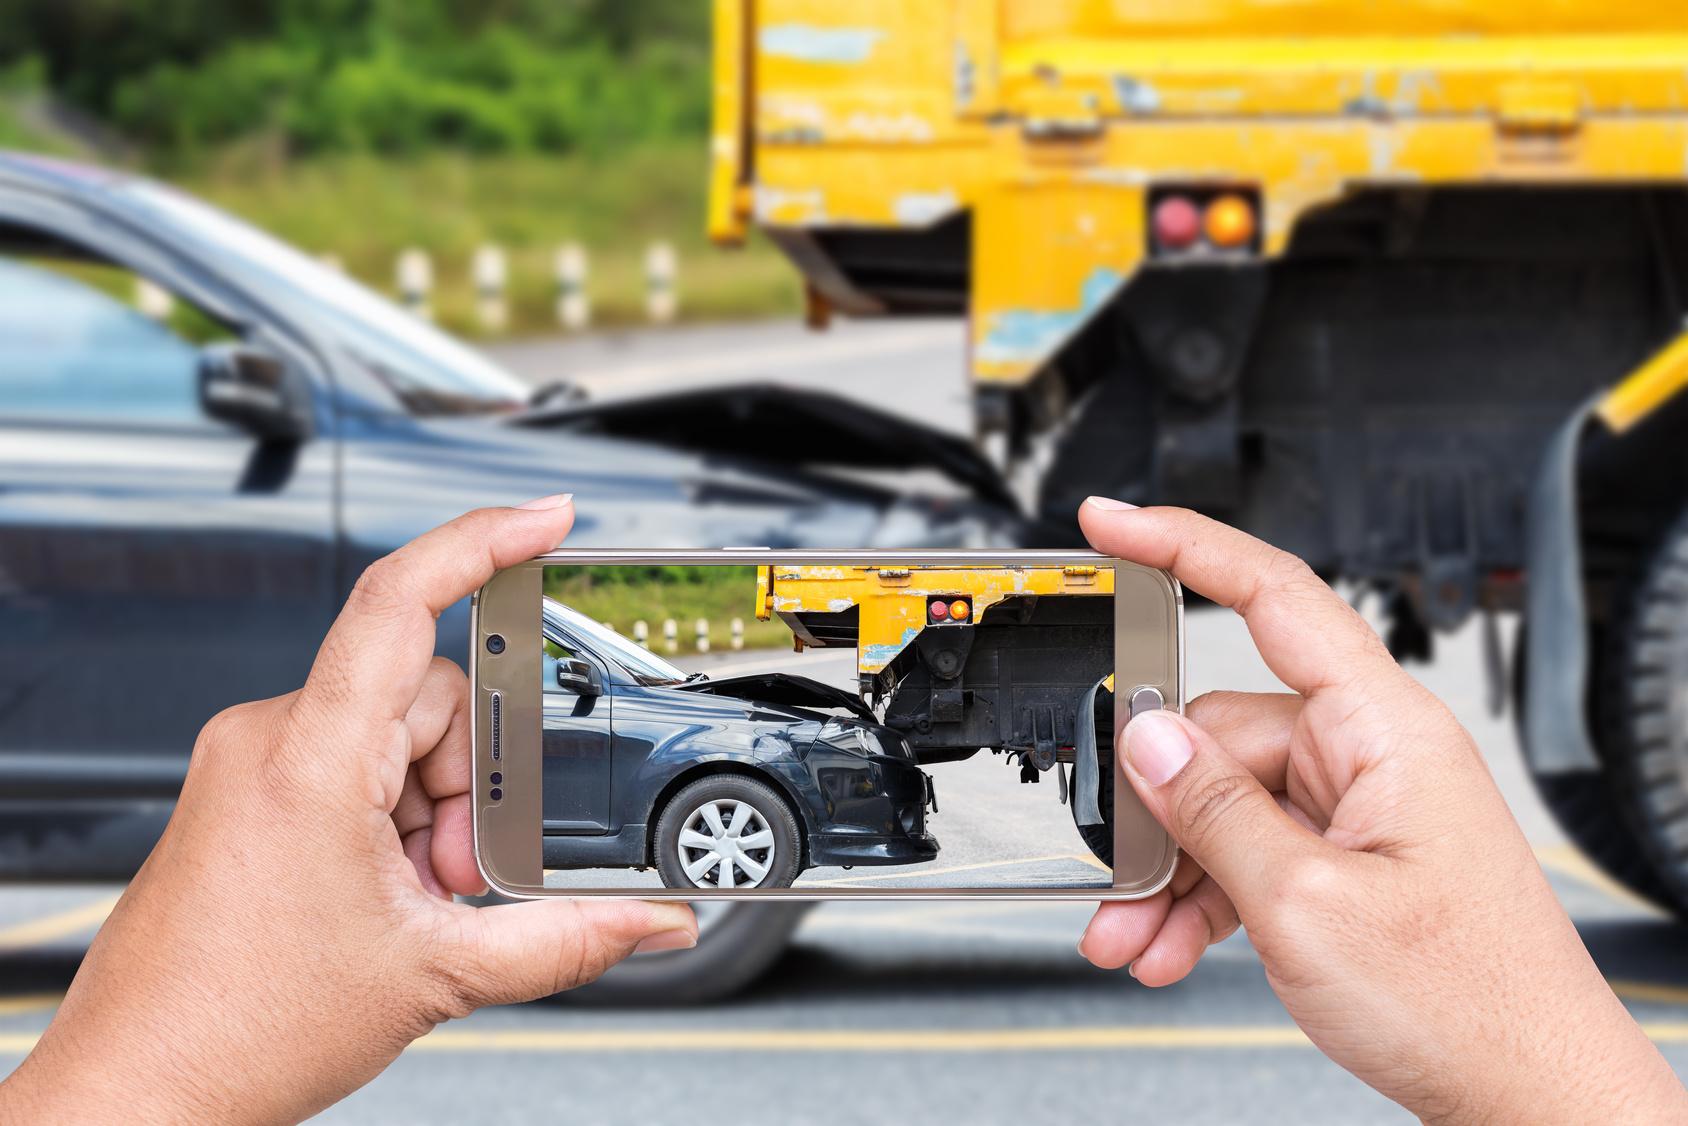 Schadensmanagement mobility first